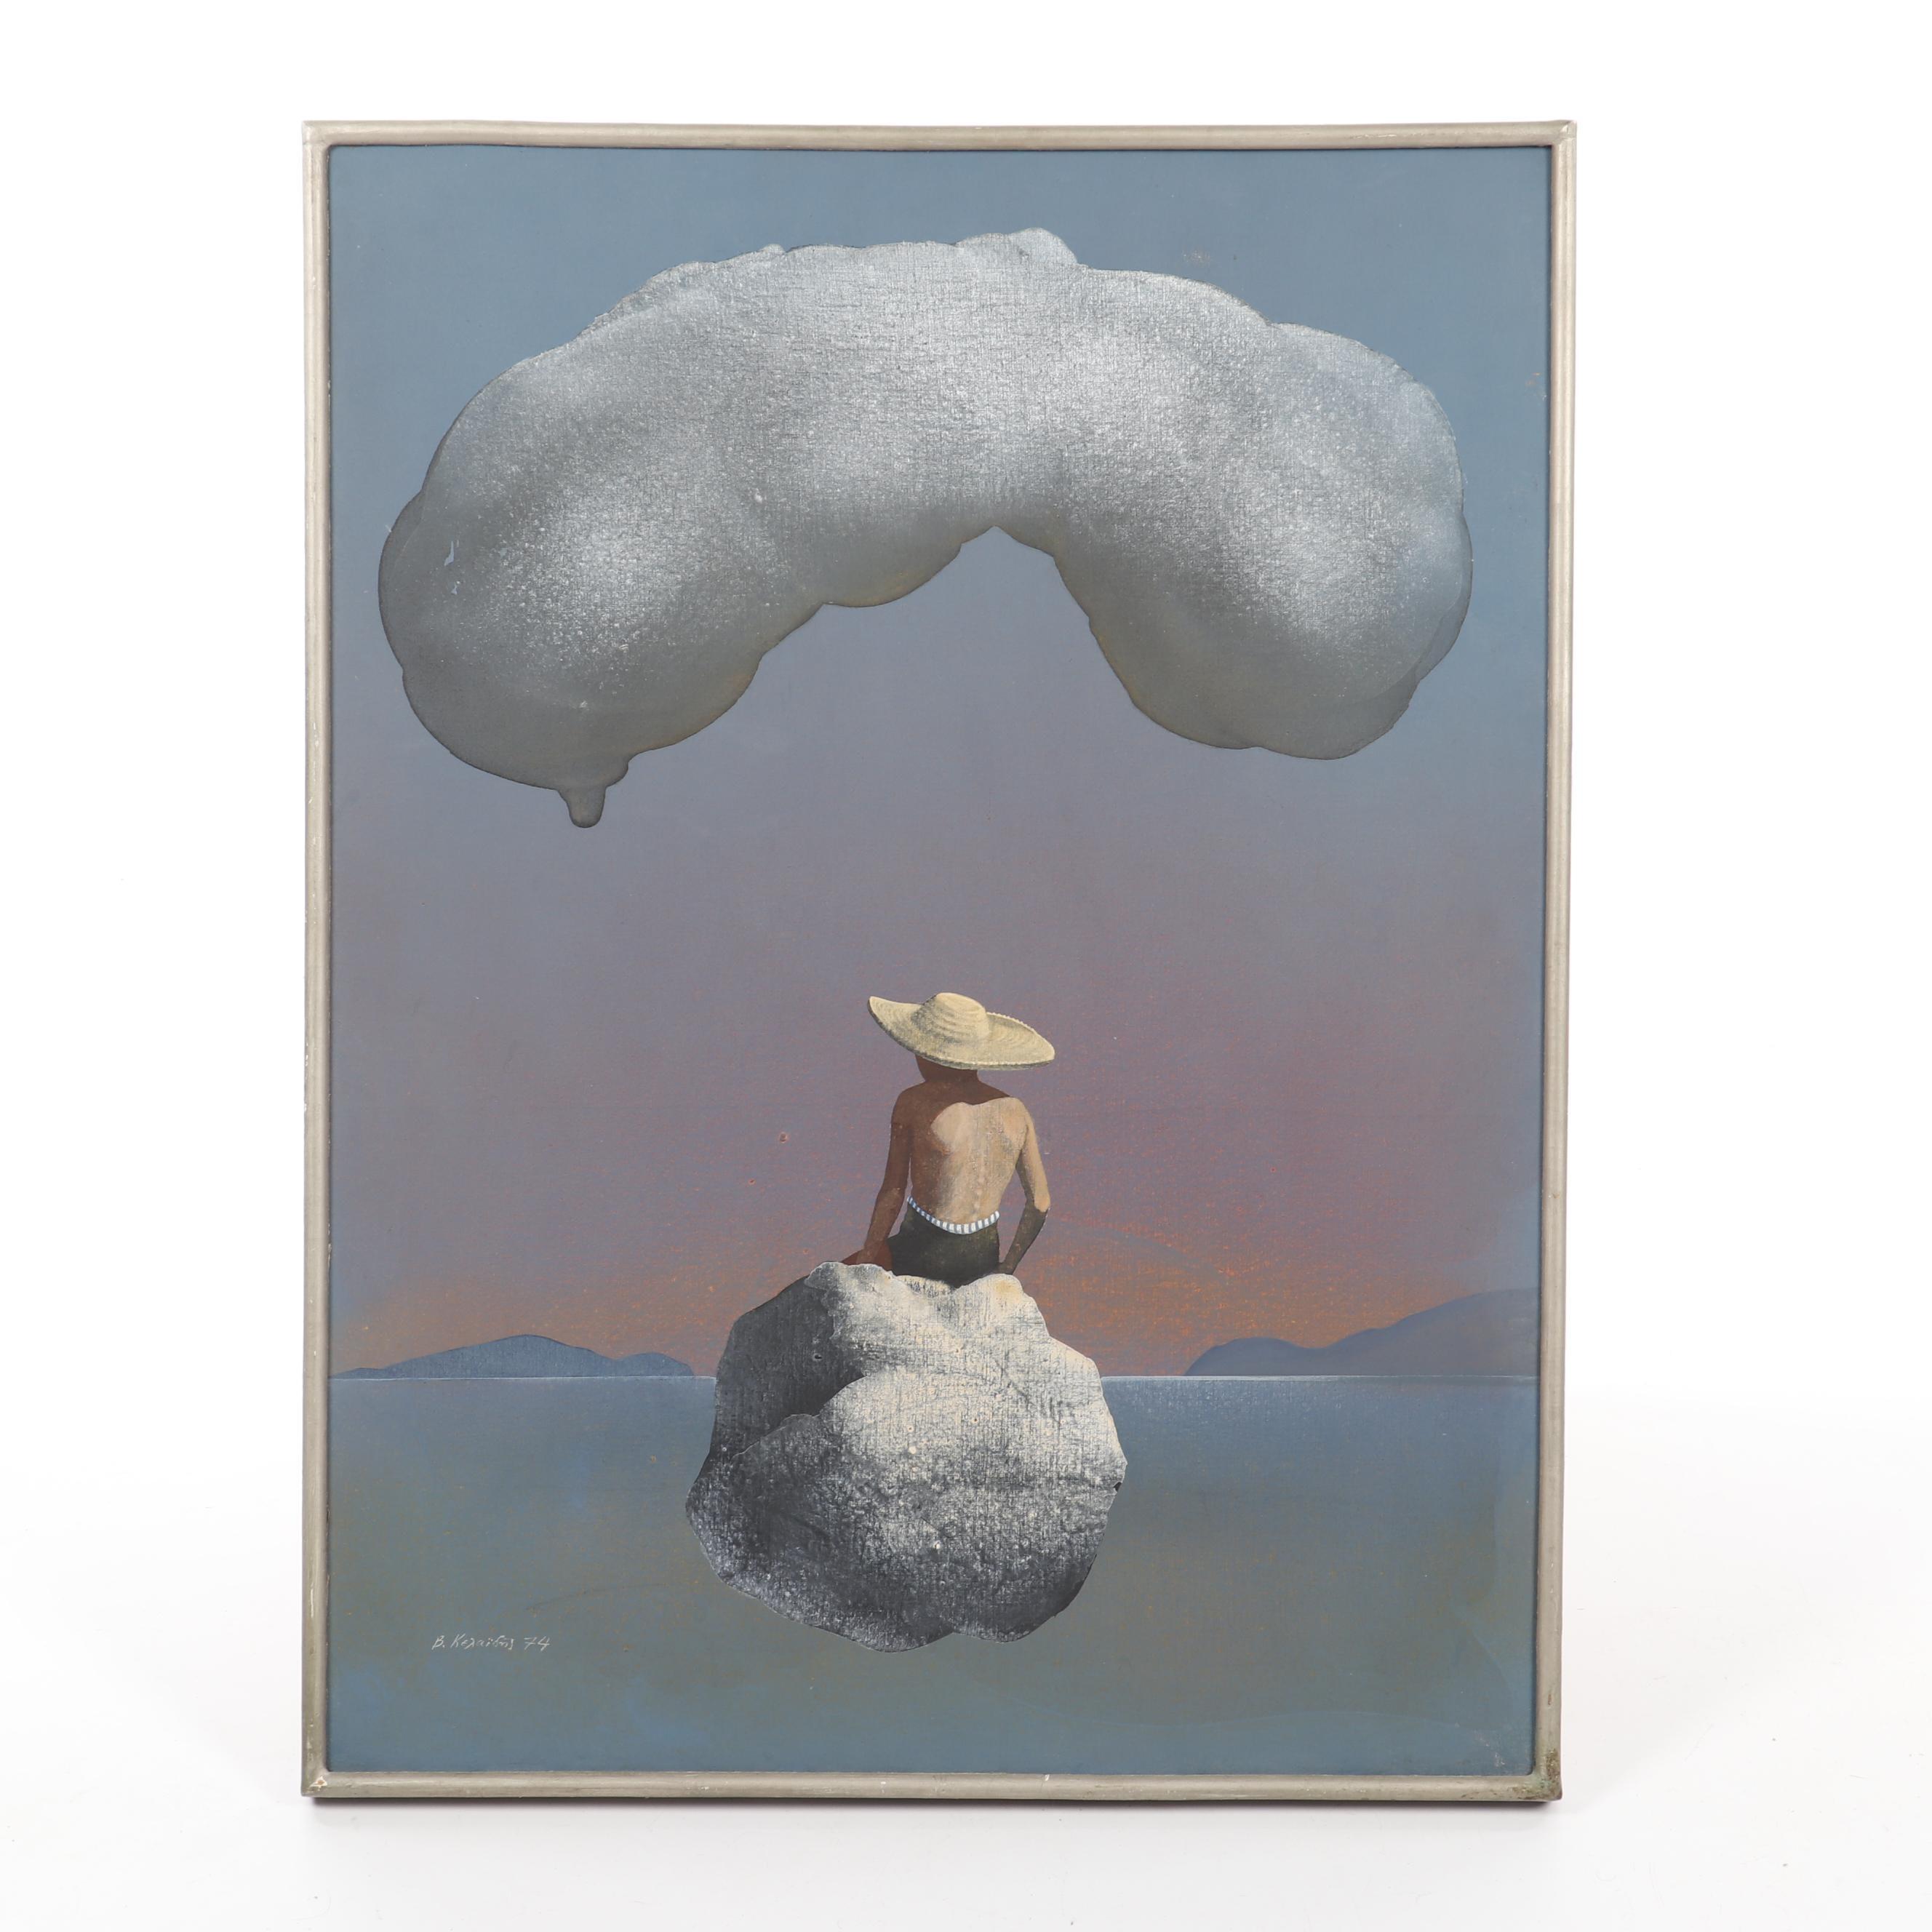 Vasilis Kelaidis Surreal Acrylic Painting